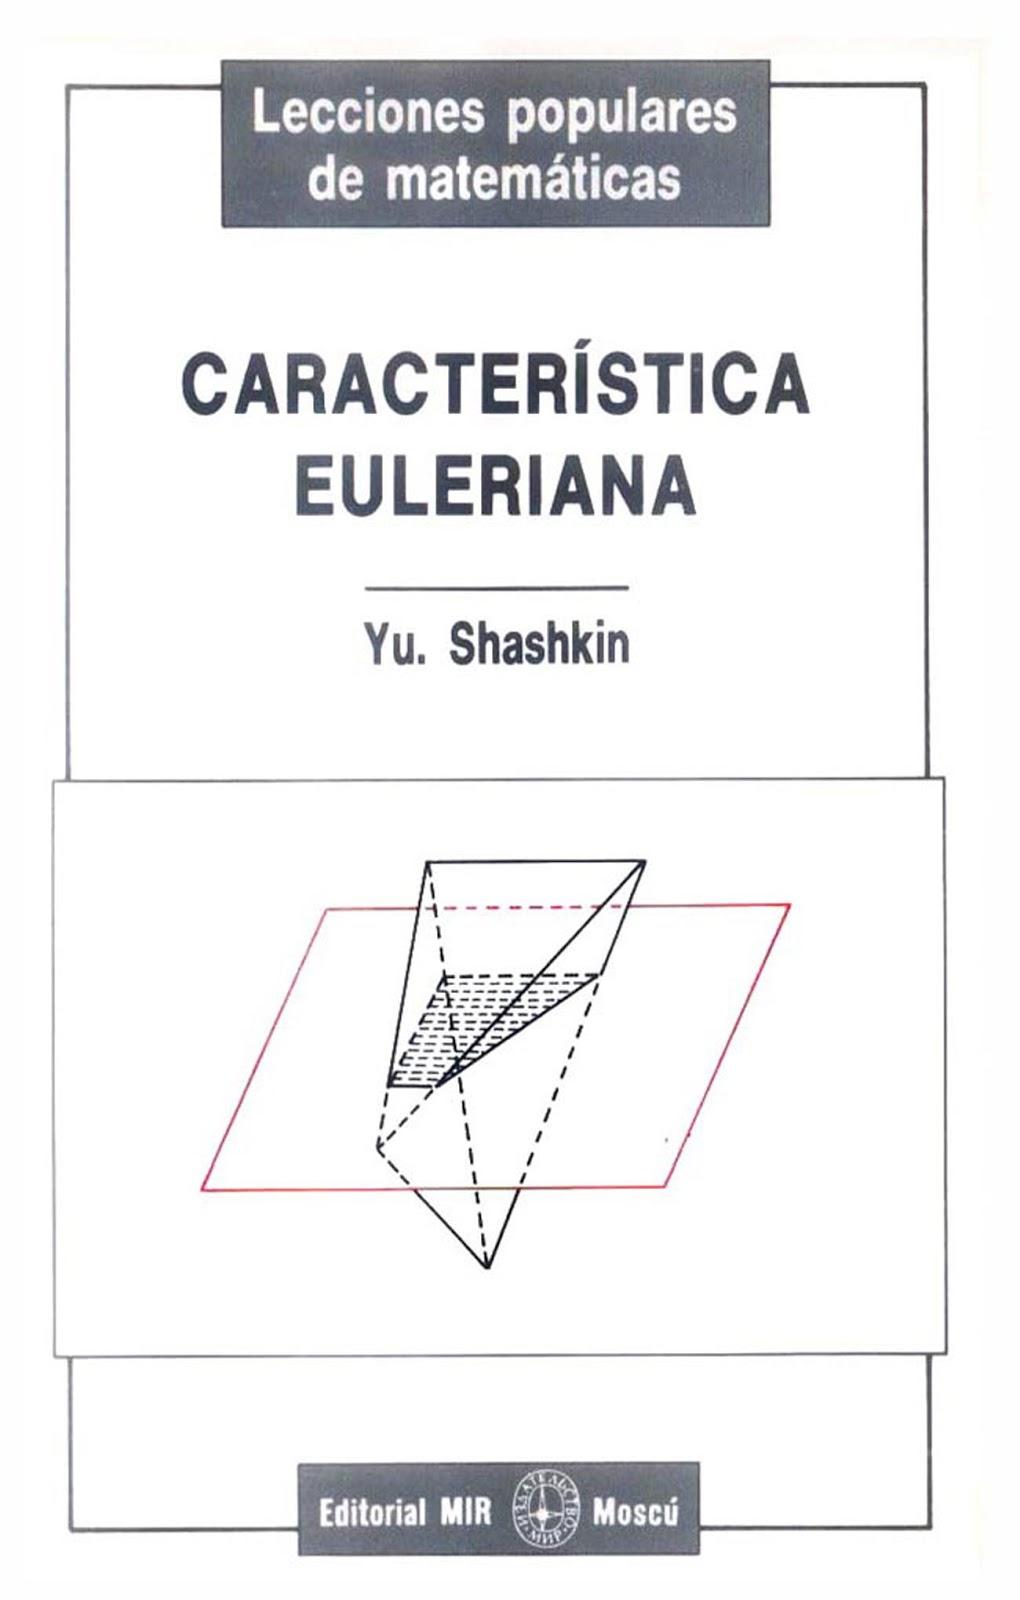 Característica euleriana – Yu Shashkin